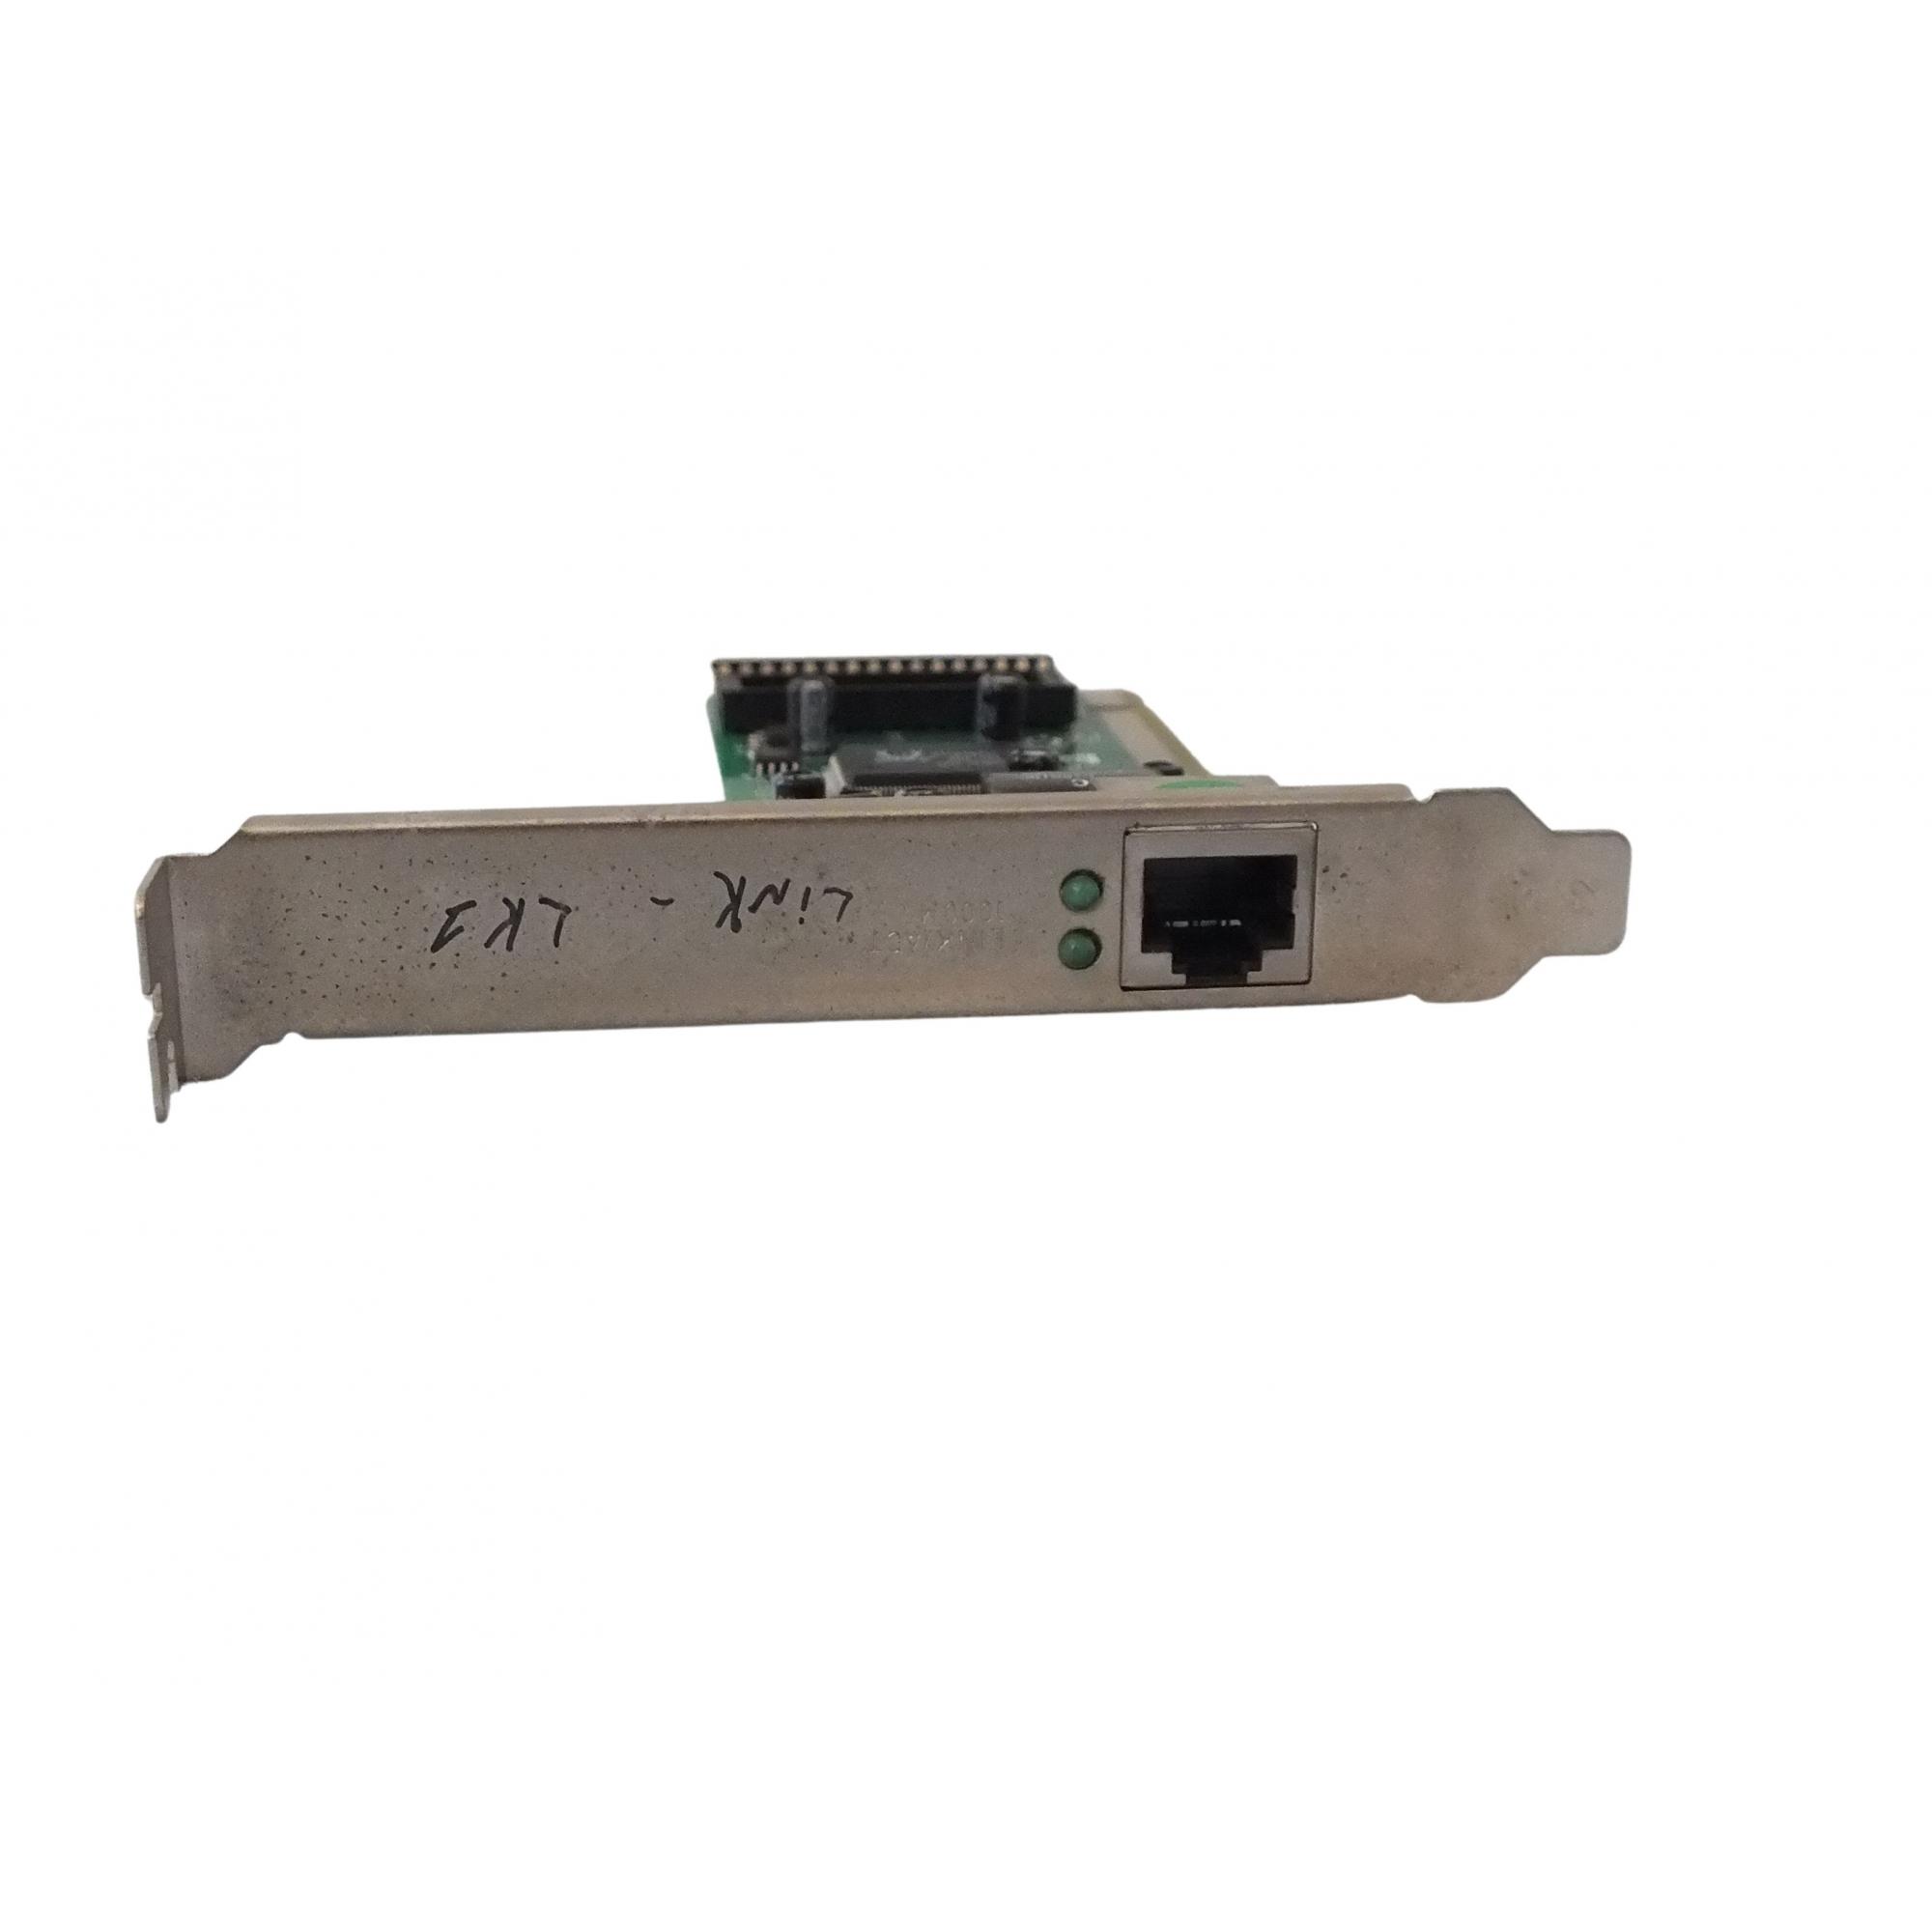 Placa De Rede Pci 10/100/1000 Mbps